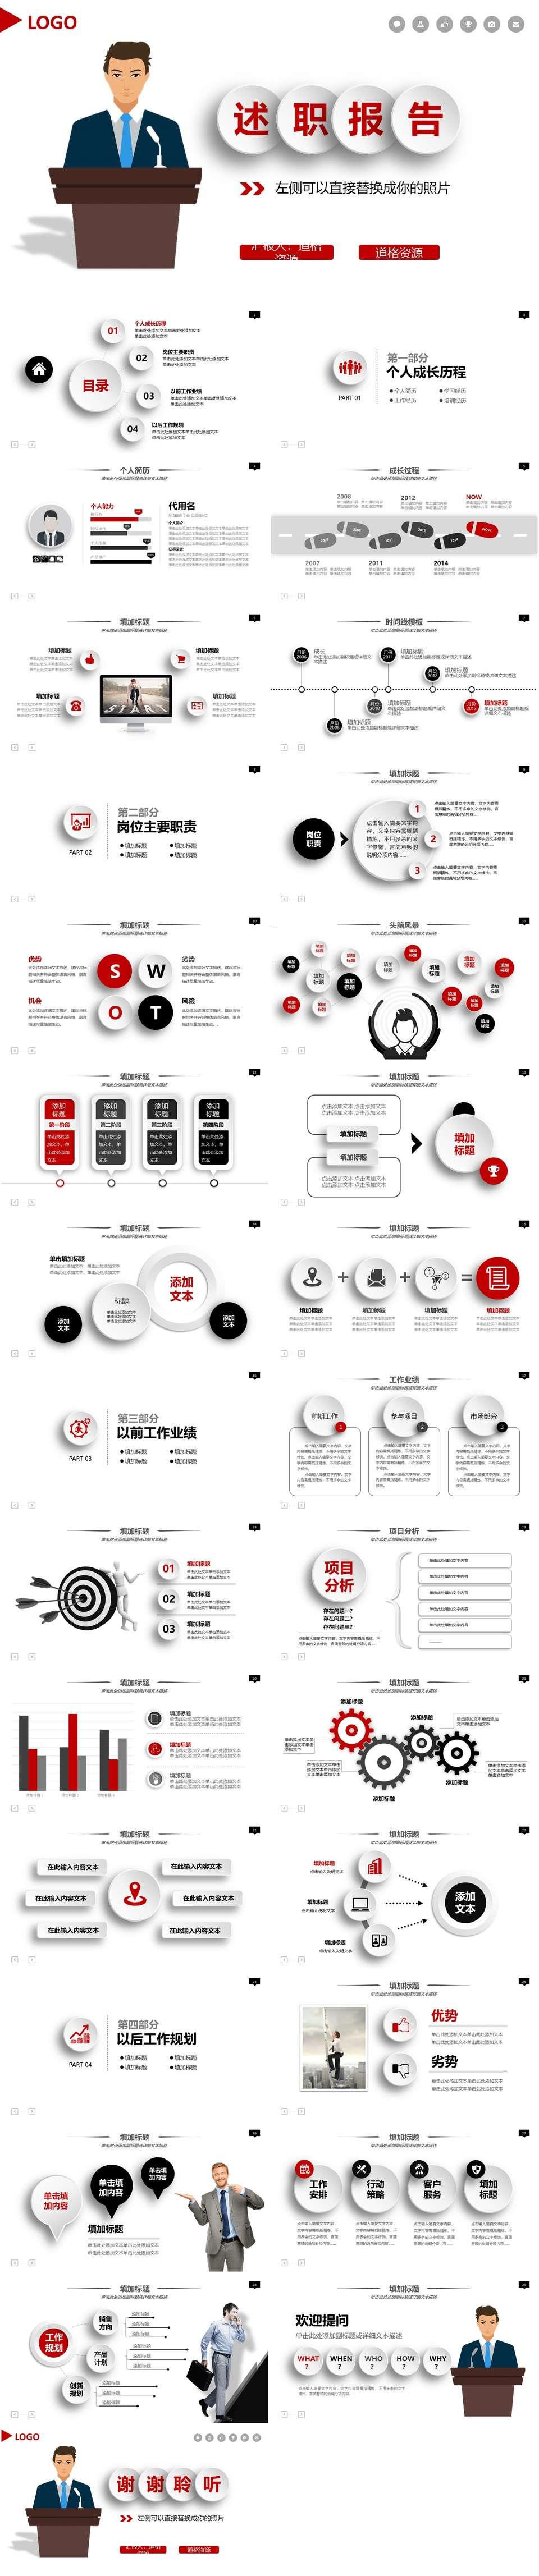 红色简洁实用工作总结暨新年计划PPT模板插图1